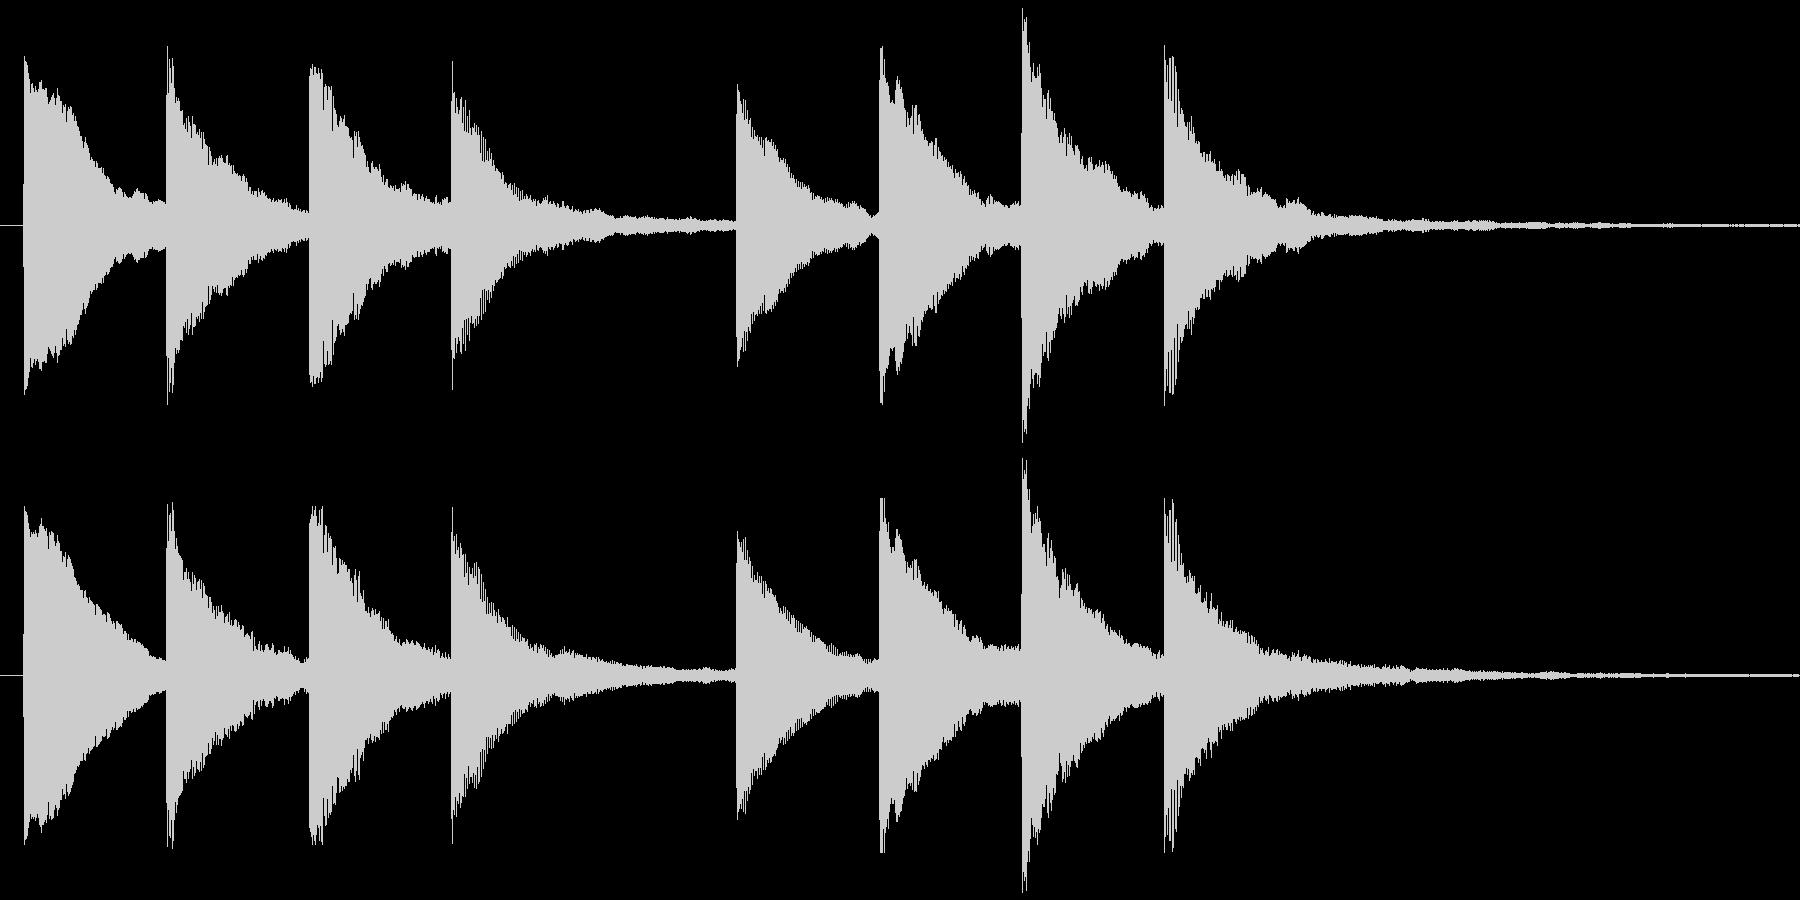 キンコンカンコン 学校チャイム2の未再生の波形